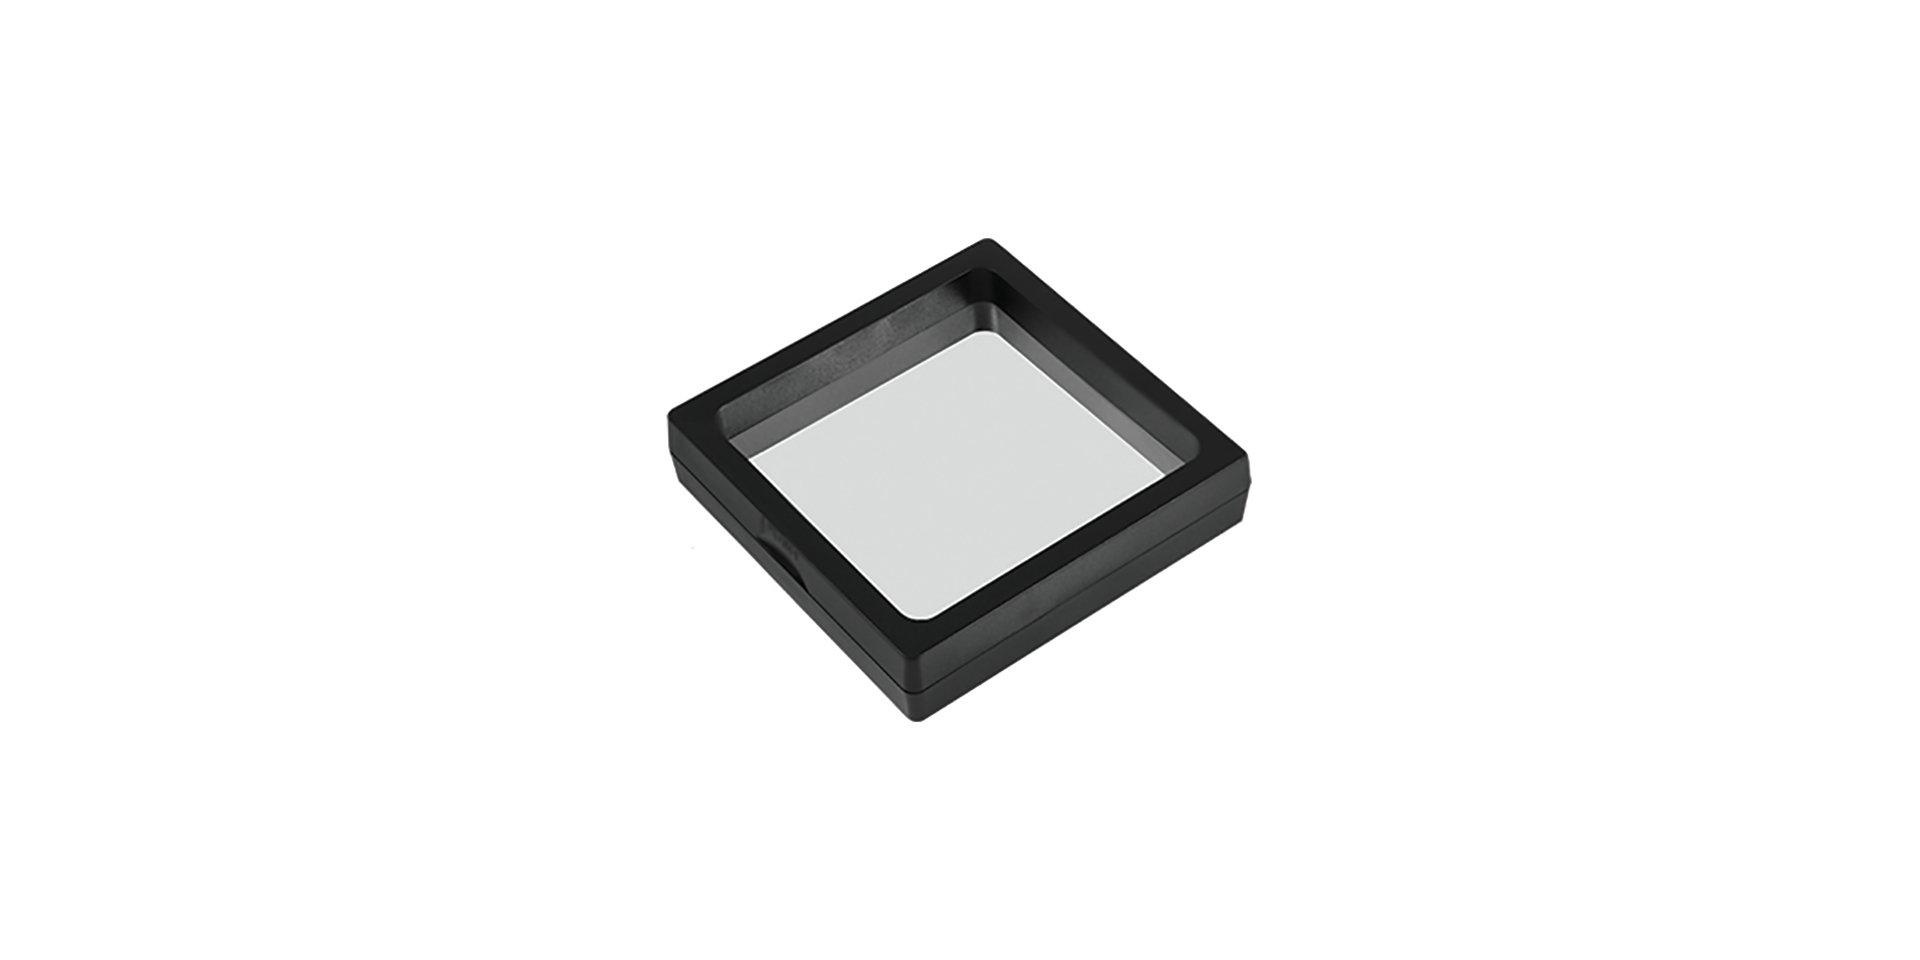 Black USB frame